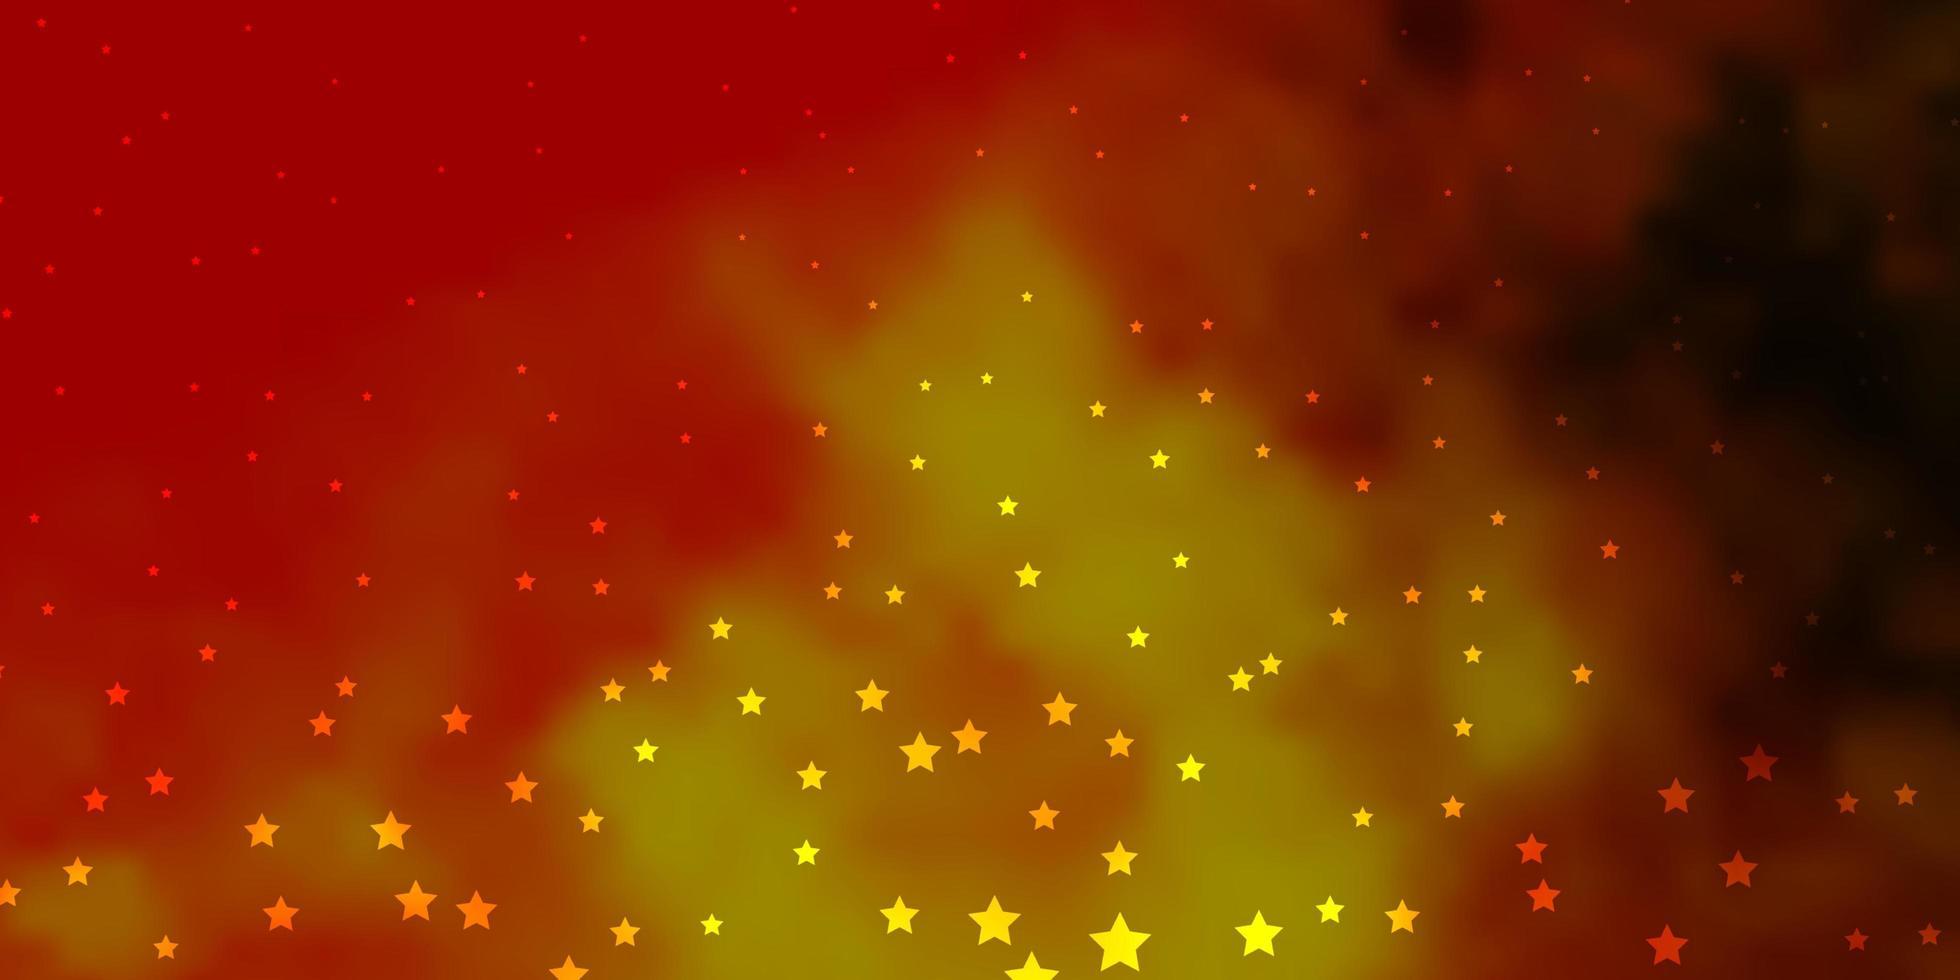 fundo vector vermelho escuro e amarelo com estrelas coloridas.